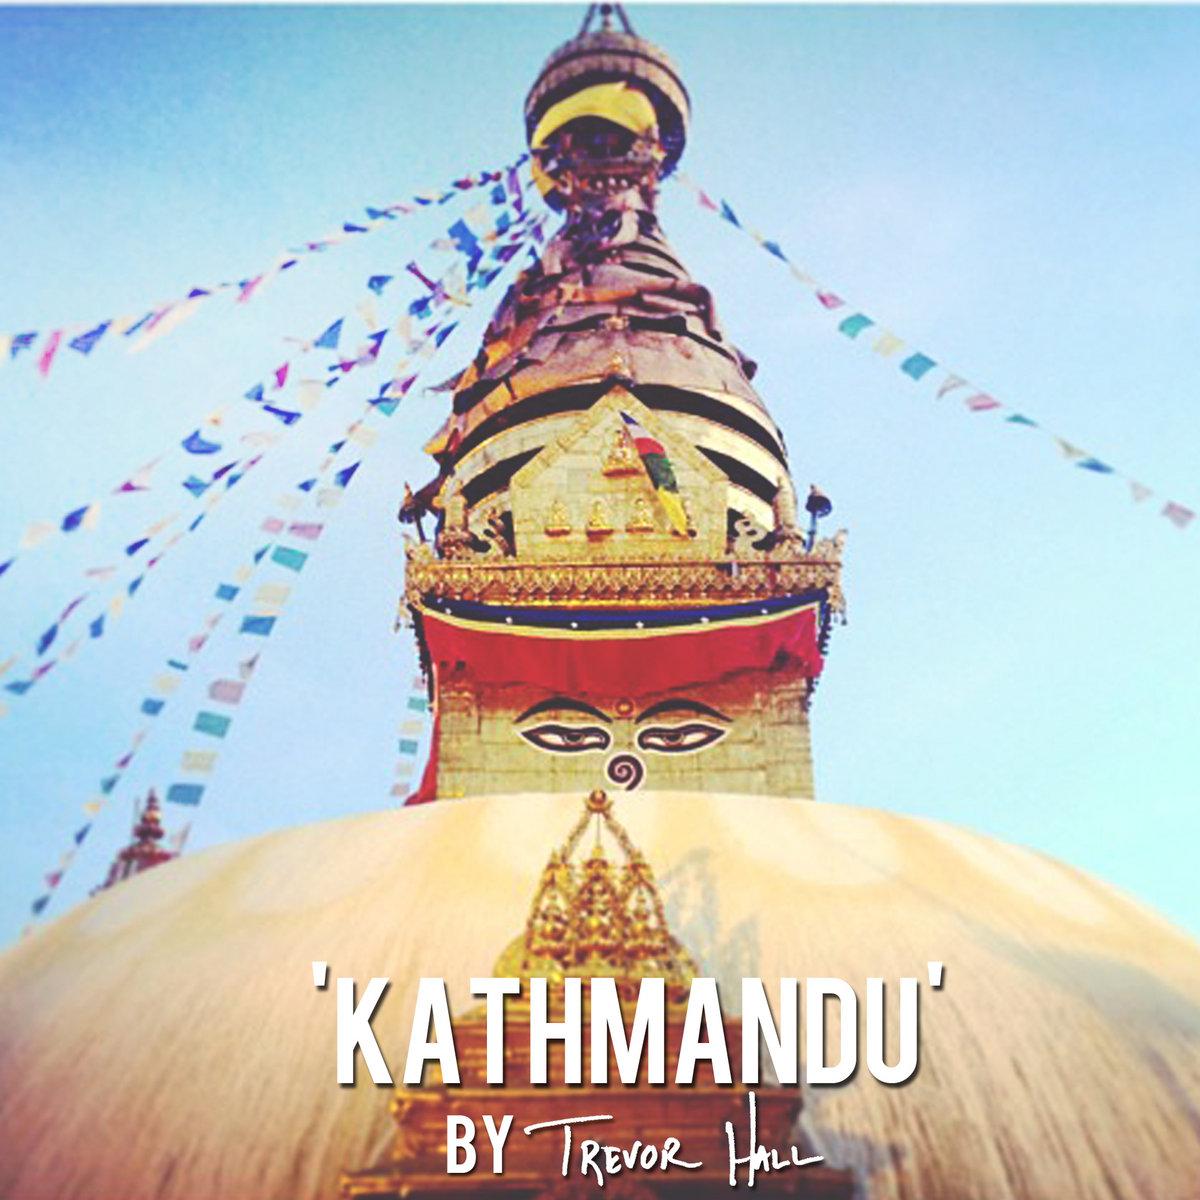 Катманду mp3 скачать бесплатно